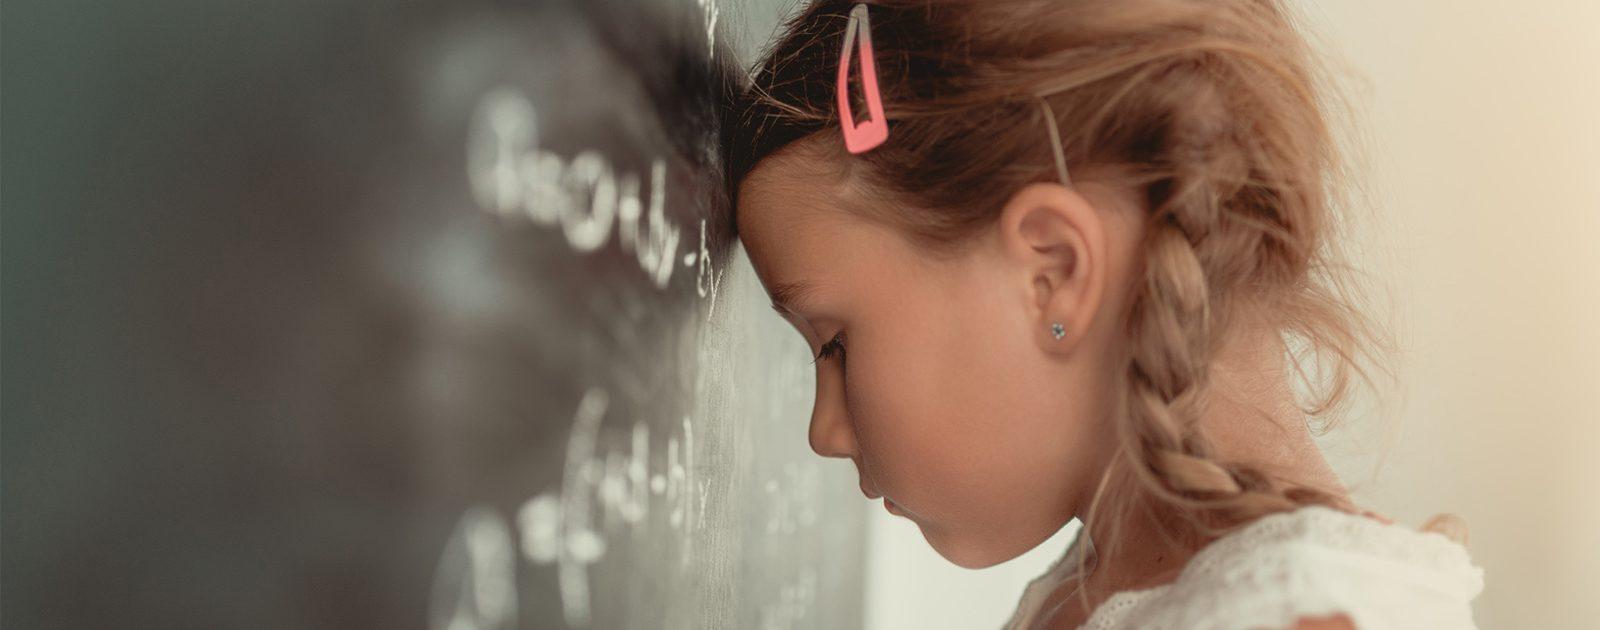 Mädchen hat aufgrund ihres ADHS Probleme, sich in der Schule zu konzentrieren und lehnt sich mit dem Kopf gegen die Tafel.